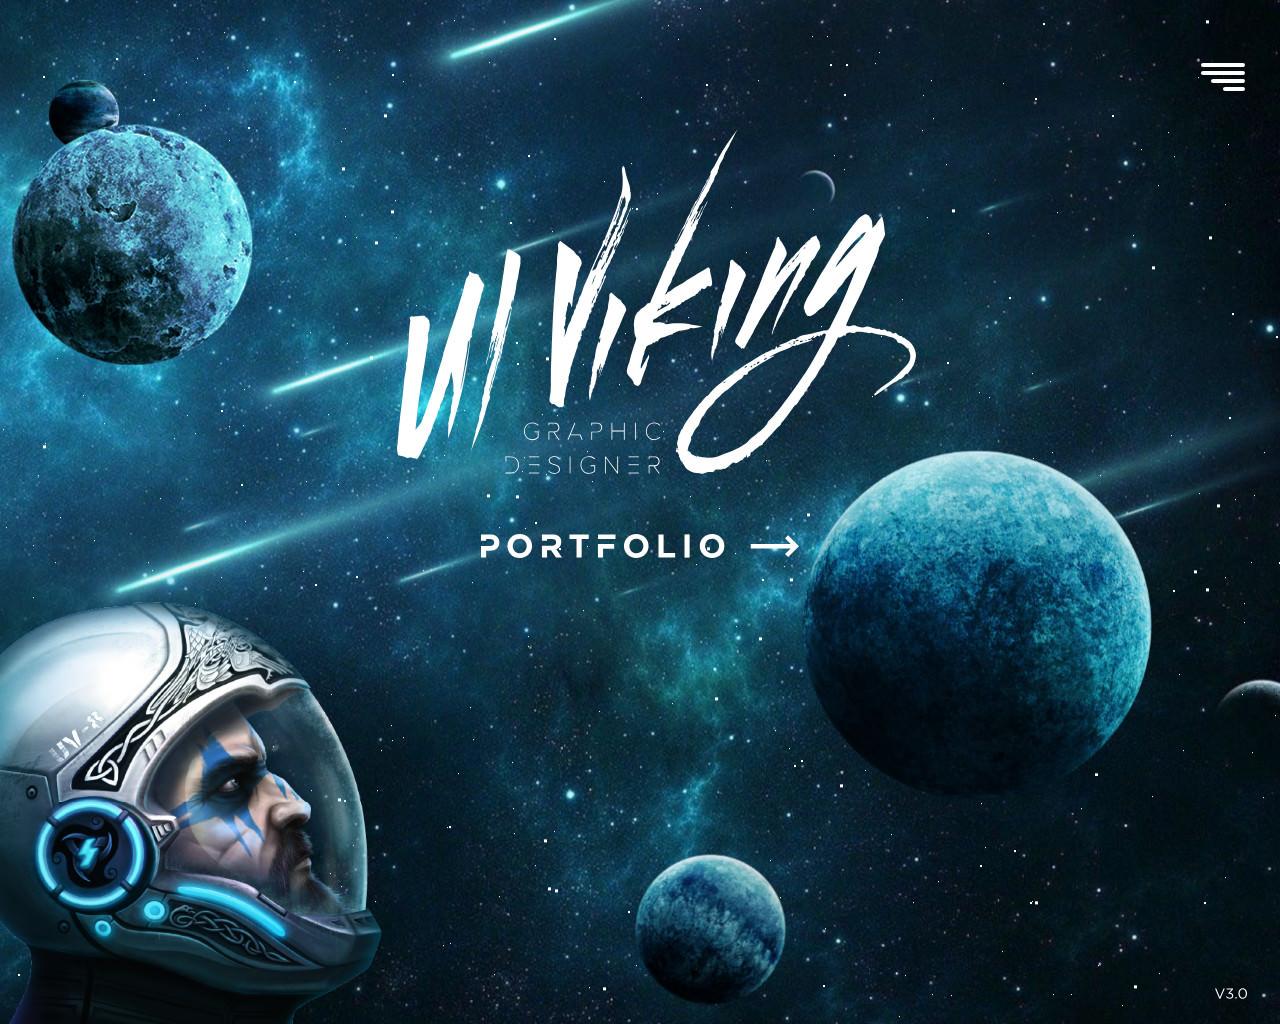 """Портфолио веб-дизайнера """"UIviking"""" (Германия)"""